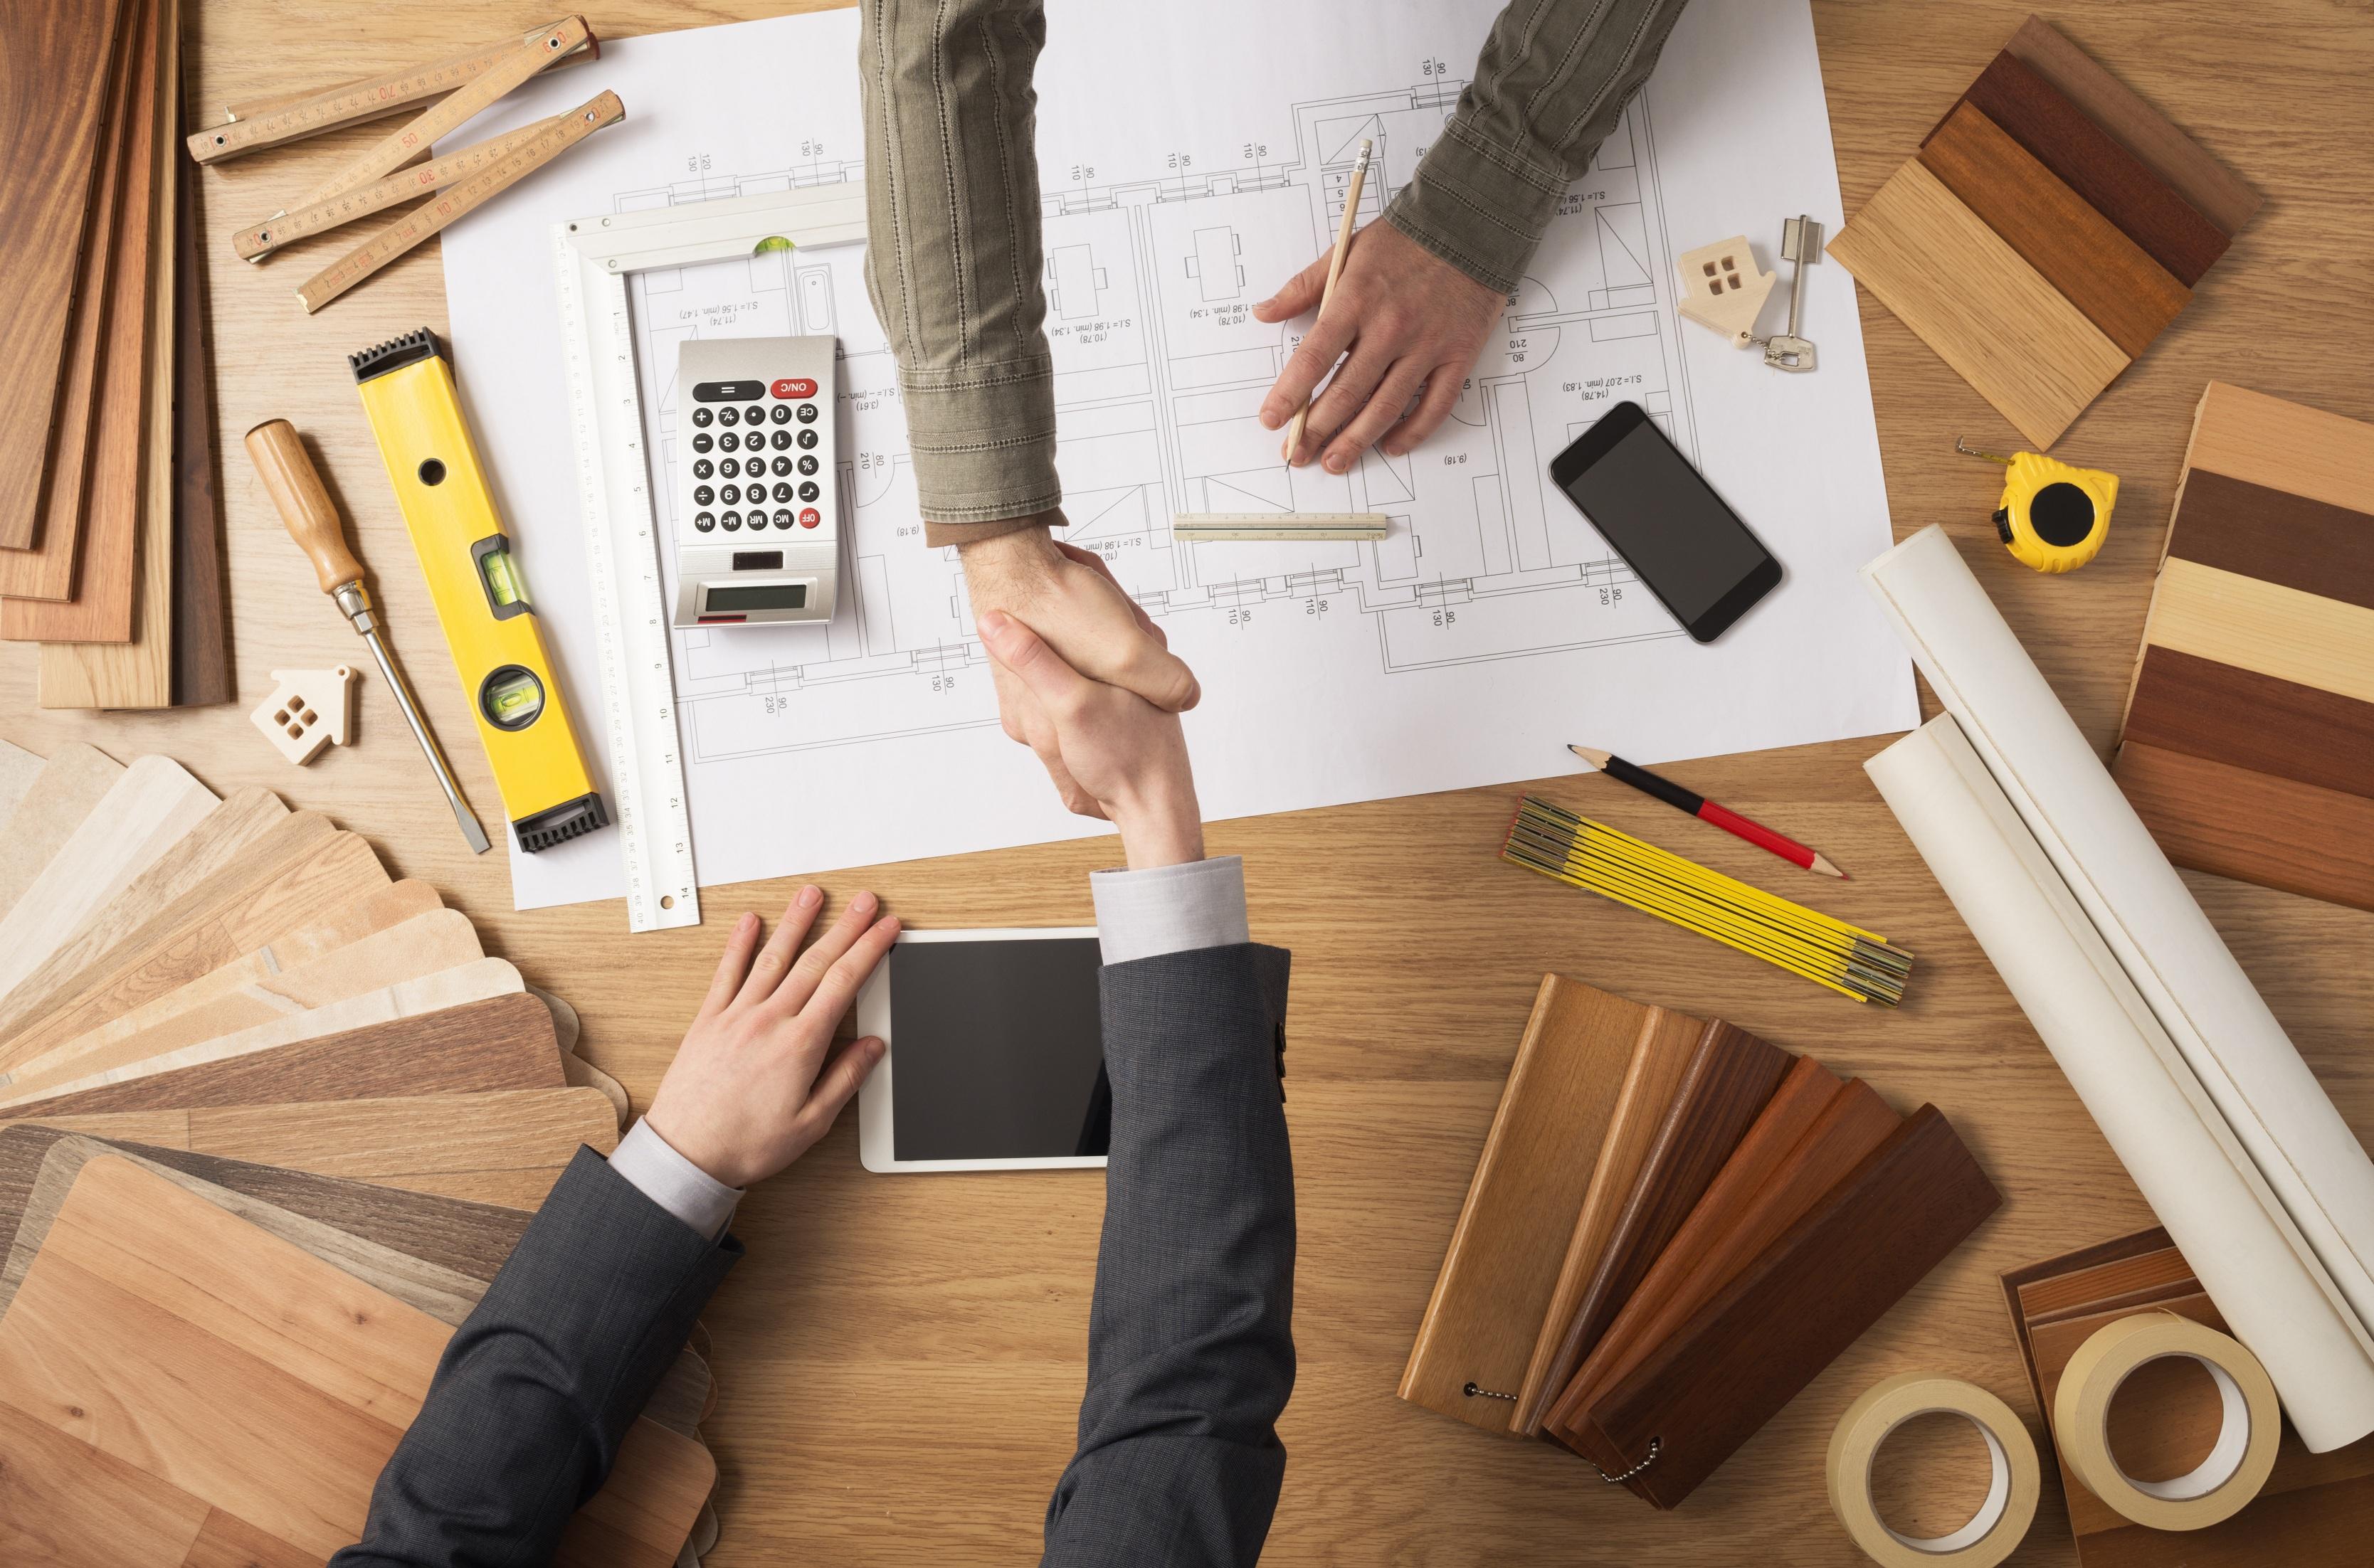 システム開発での請負契約と準委任契約の区別と違い